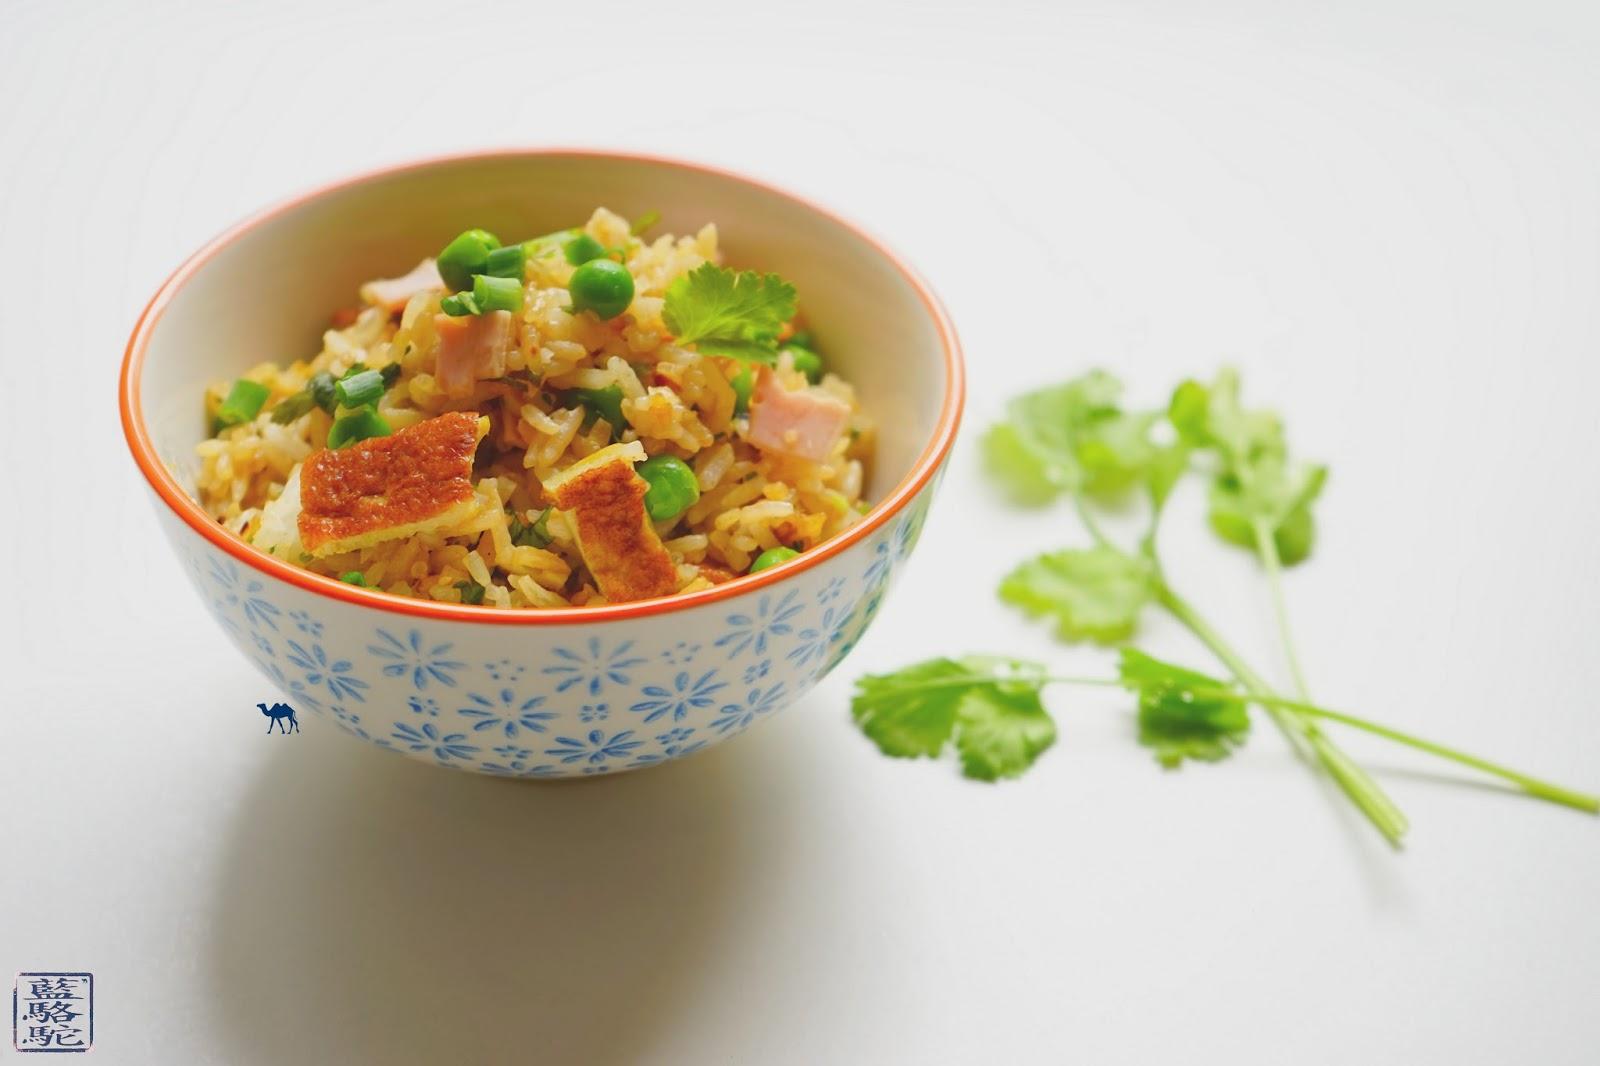 Le Chameau Bleu - Blog Cuisine Asiatique -Recette d'un riz cantonnais sauté